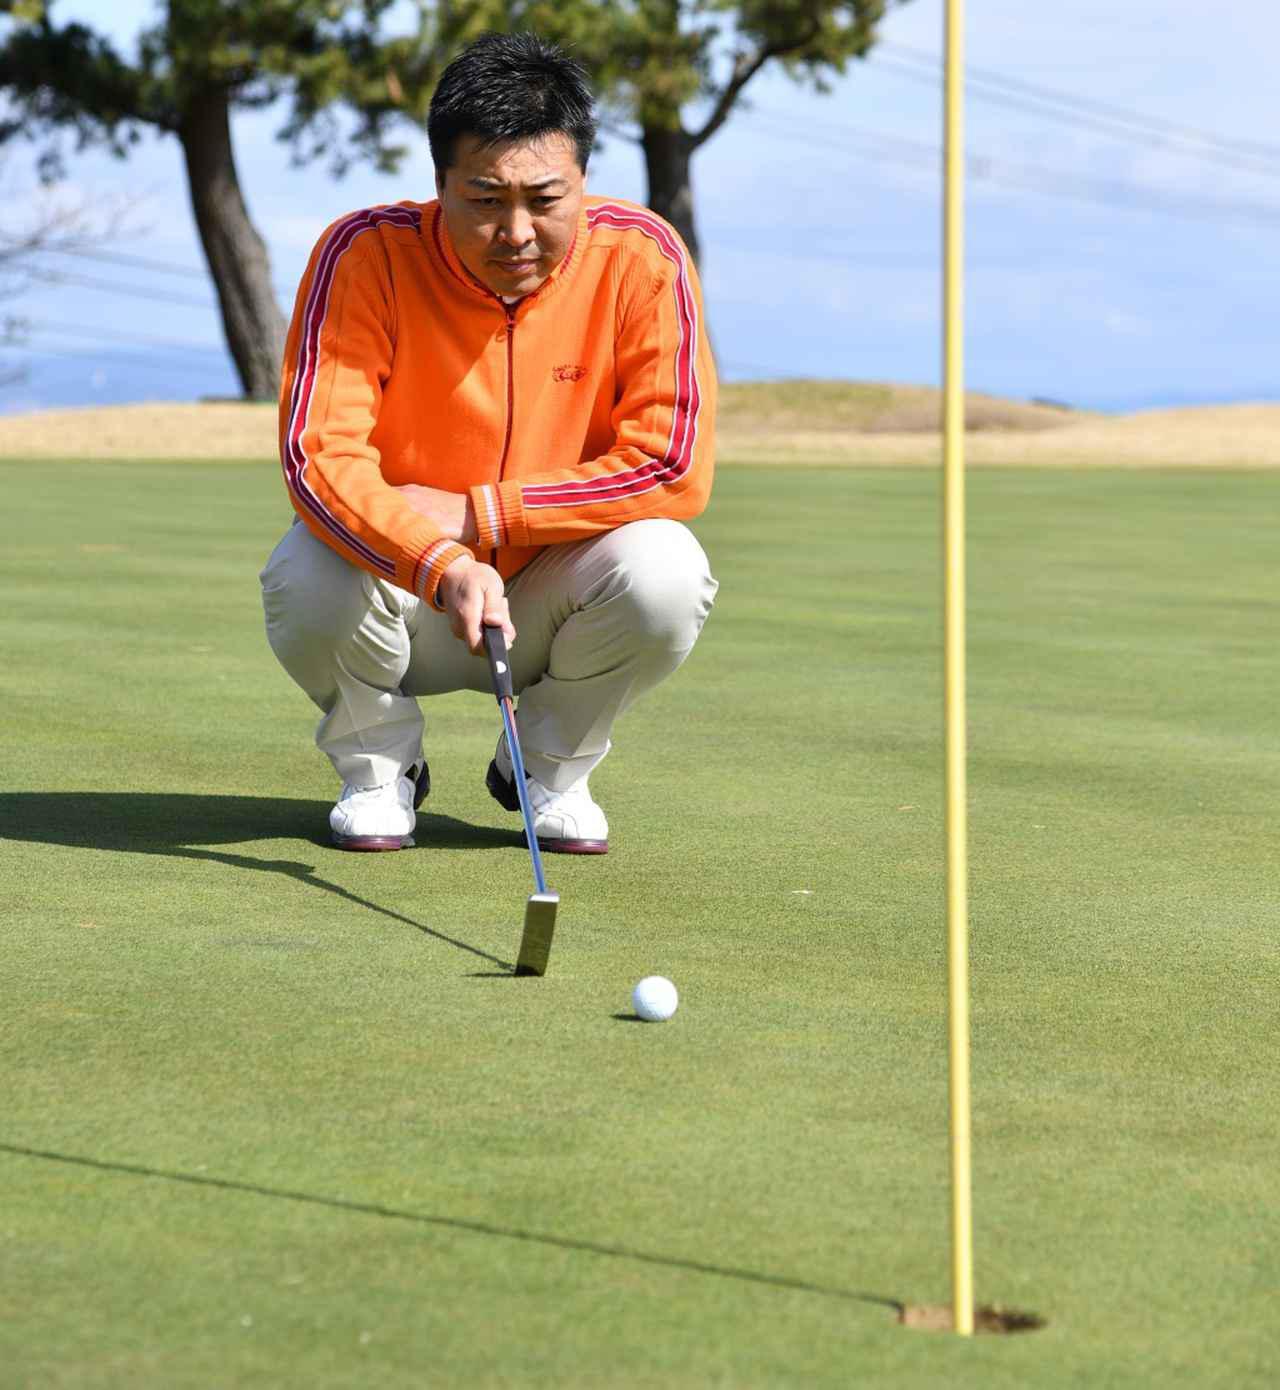 """画像3: 【パット上達】プロゴルファーみたいに""""パチン""""と打ちたいショートパット。「強気に真っすぐ」の境界線は何メートル?"""